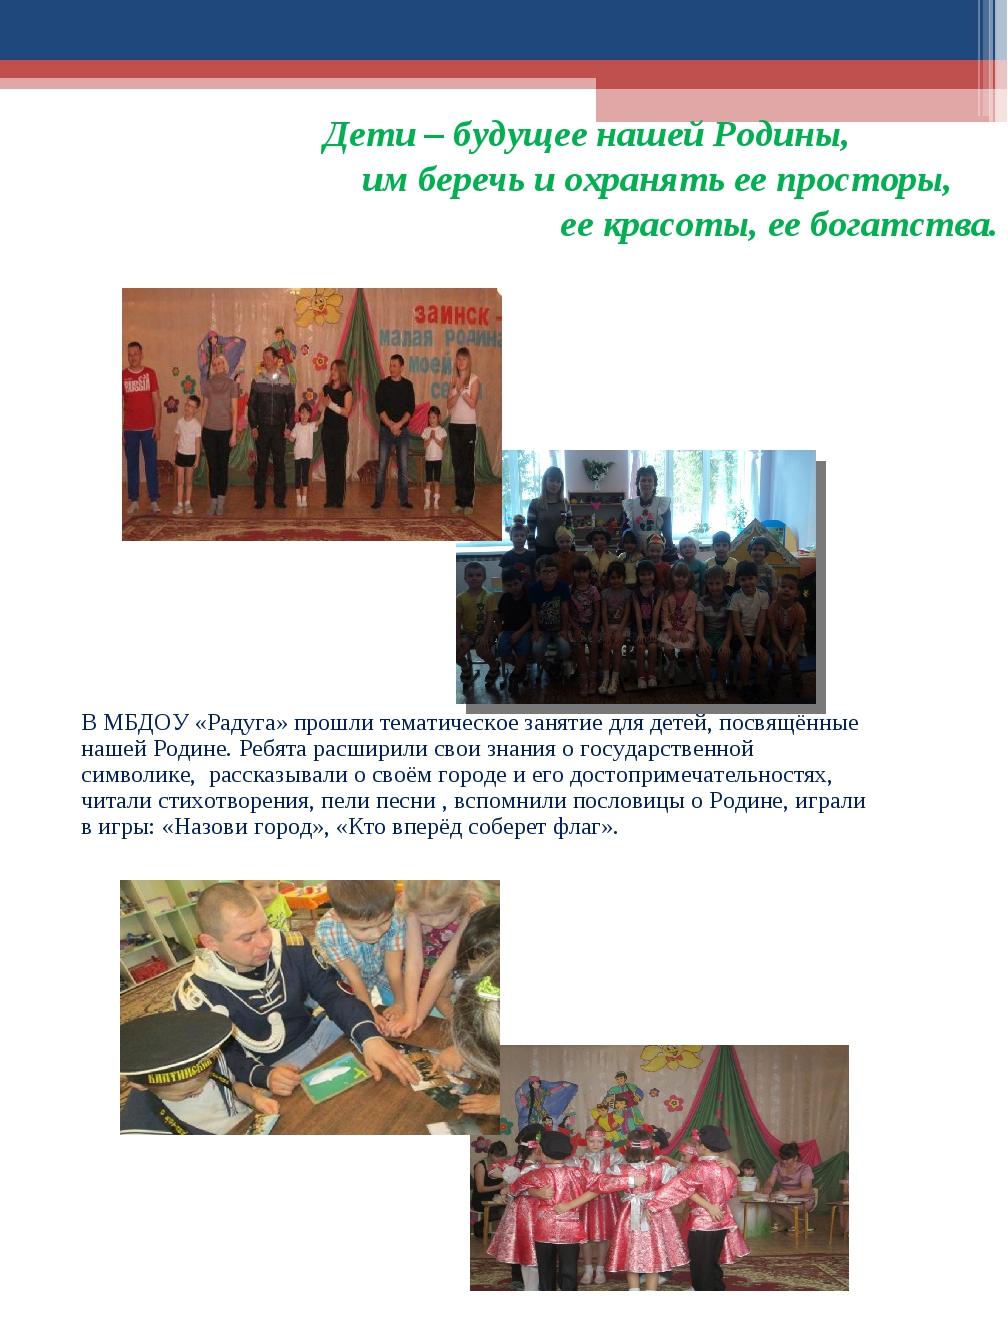 В МБДОУ «Радуга» прошли тематическое занятие для детей, посвящённые нашей Ро...